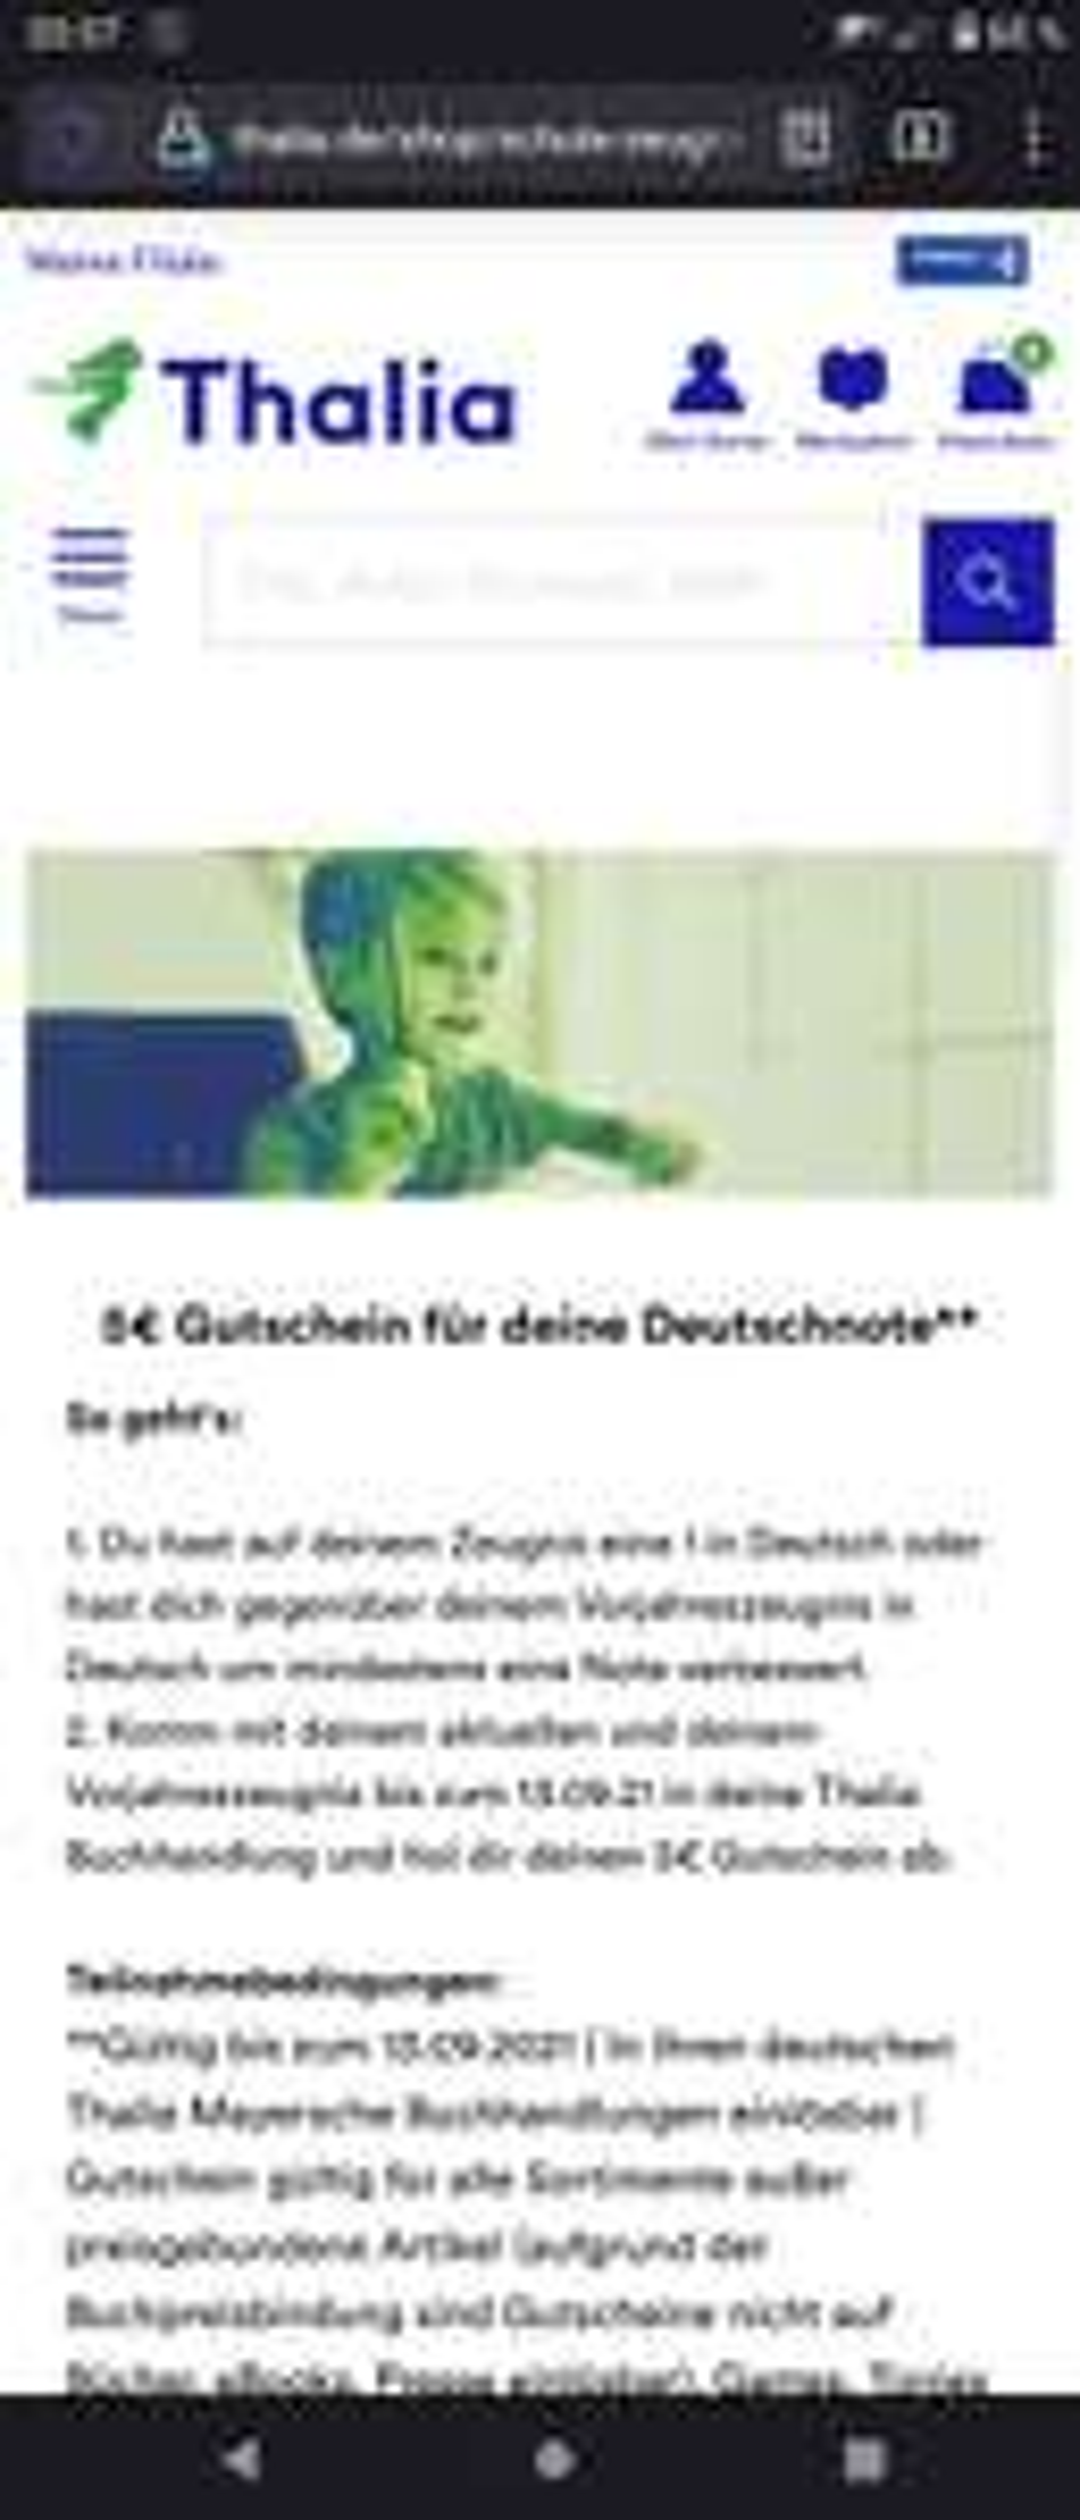 5€ Gutschein für deine Deutschnote**